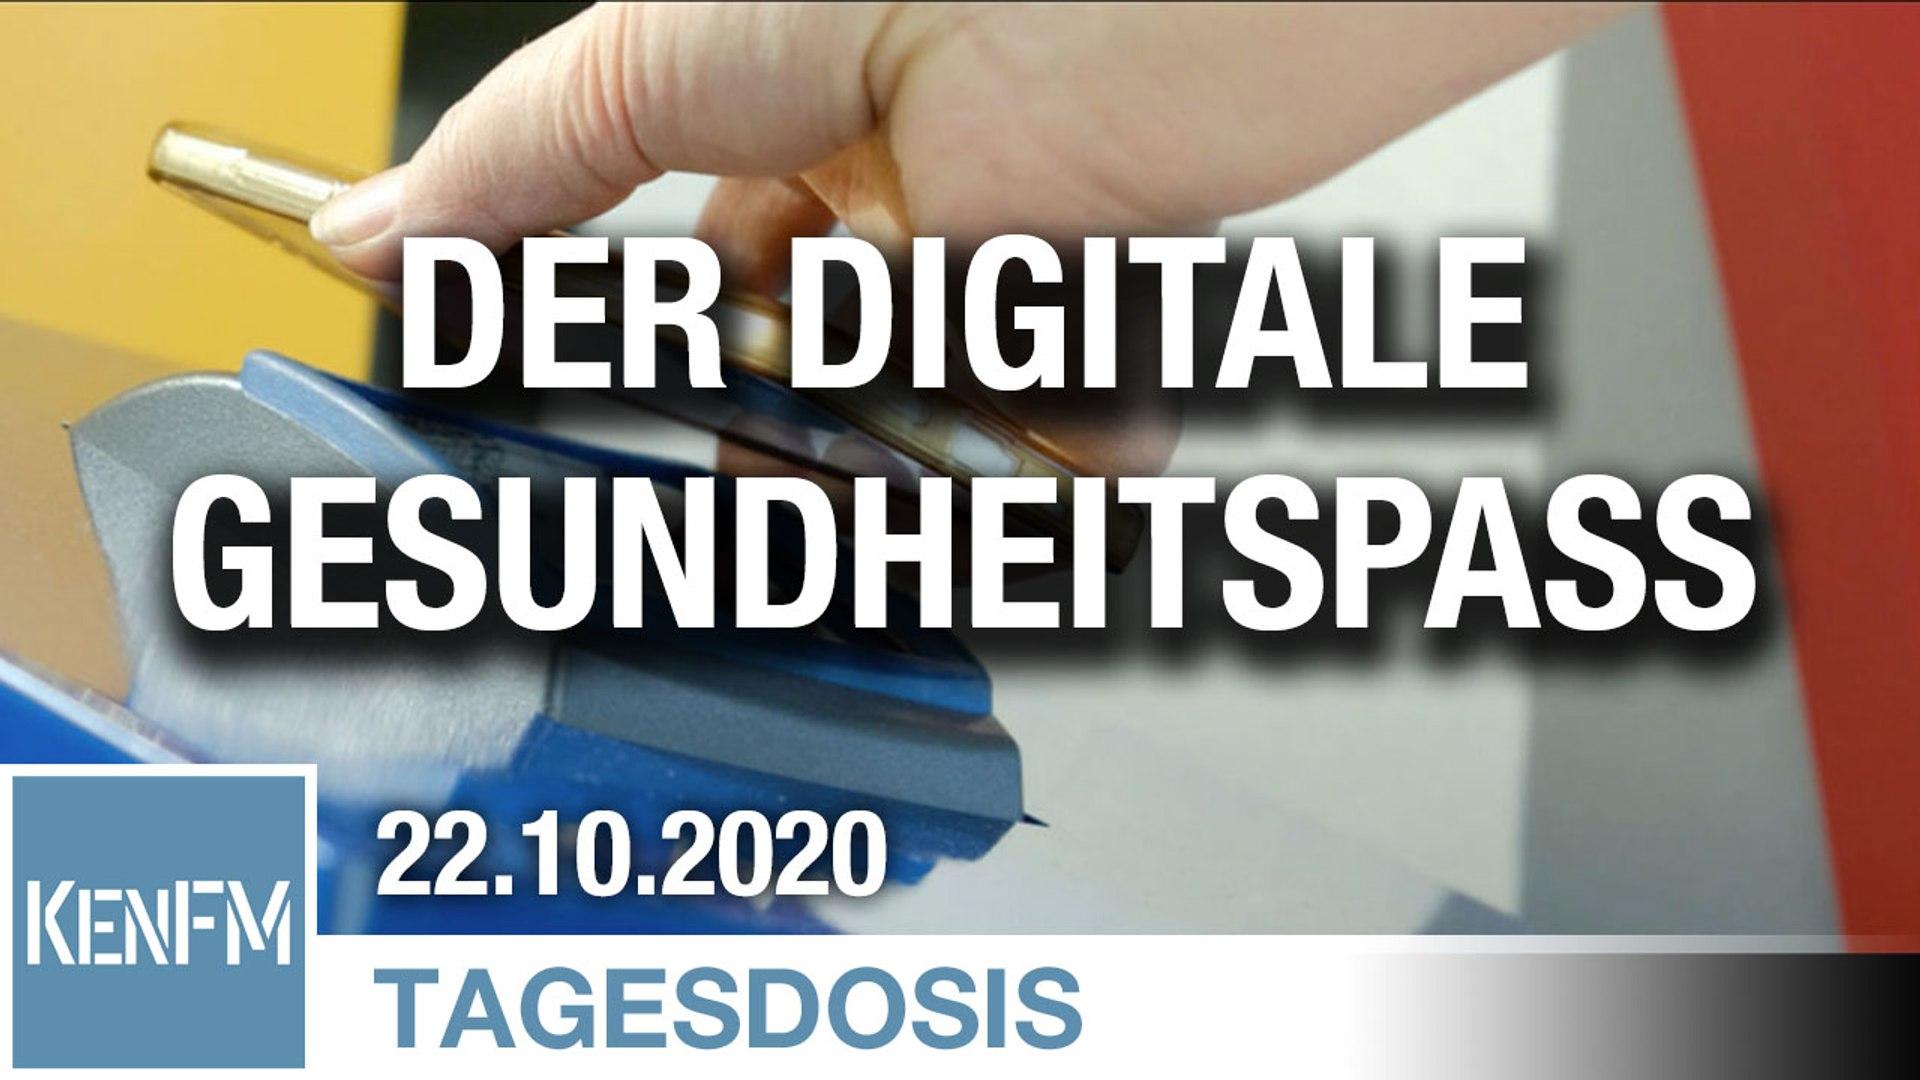 Das Commons-Project: der digitale Gesundheitspass | Von Norbert Häring